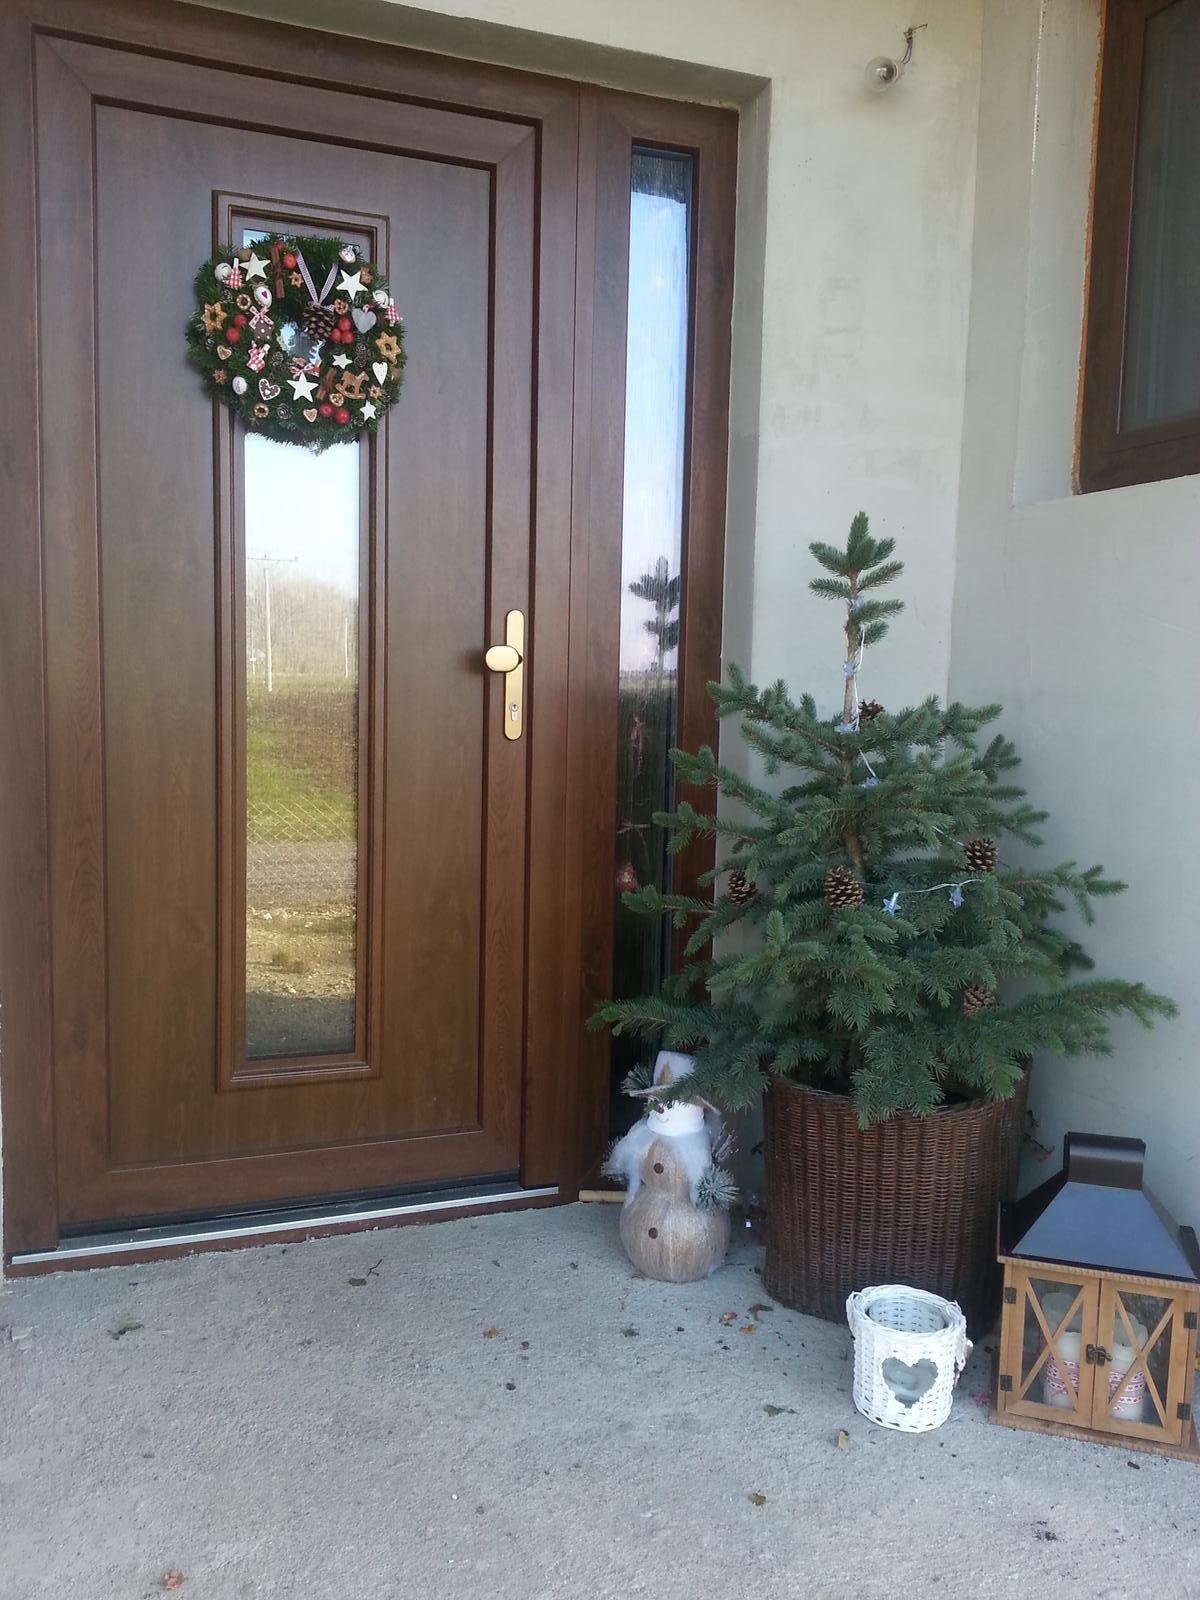 U nás doma  🏠 🌼 🌞👫👭👶 - Naša vianočný výzdoba :-)